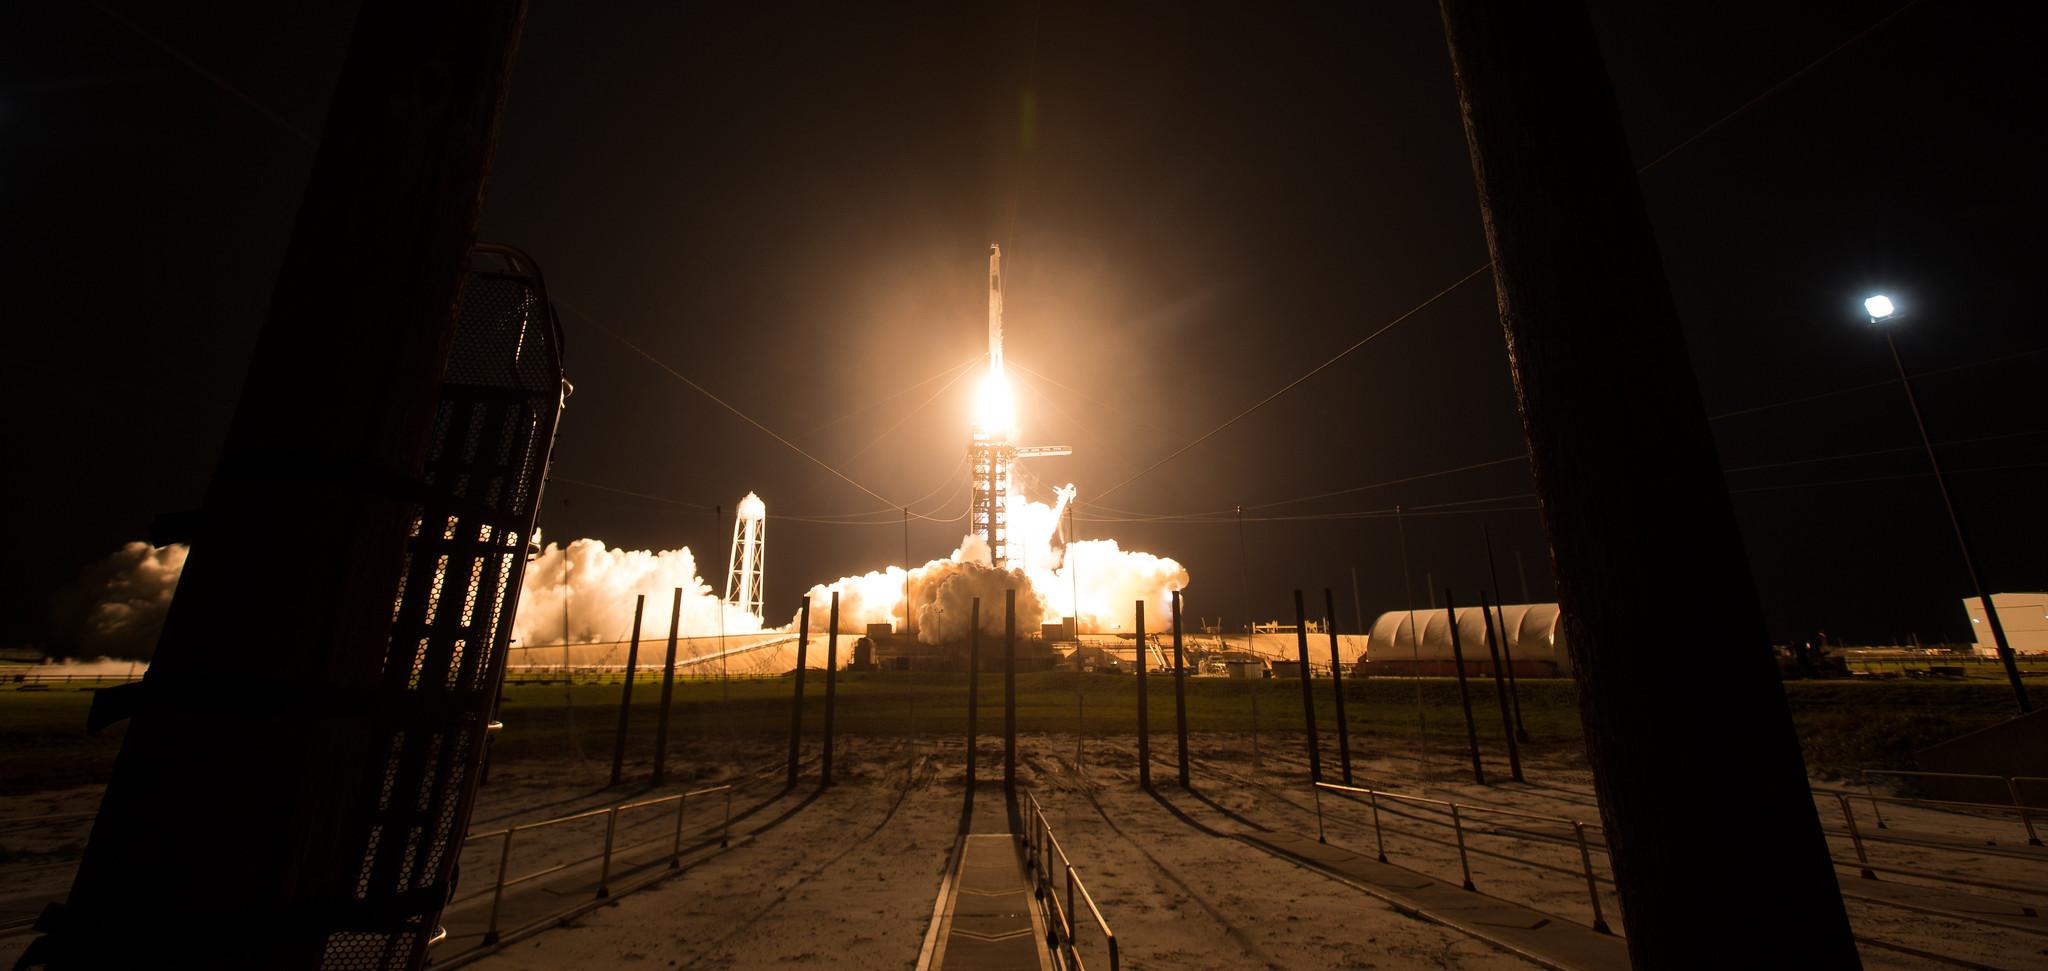 Crew-2 décolle le 23 avril 2021 du centre spatial Kennedy de la NASA en Floride.